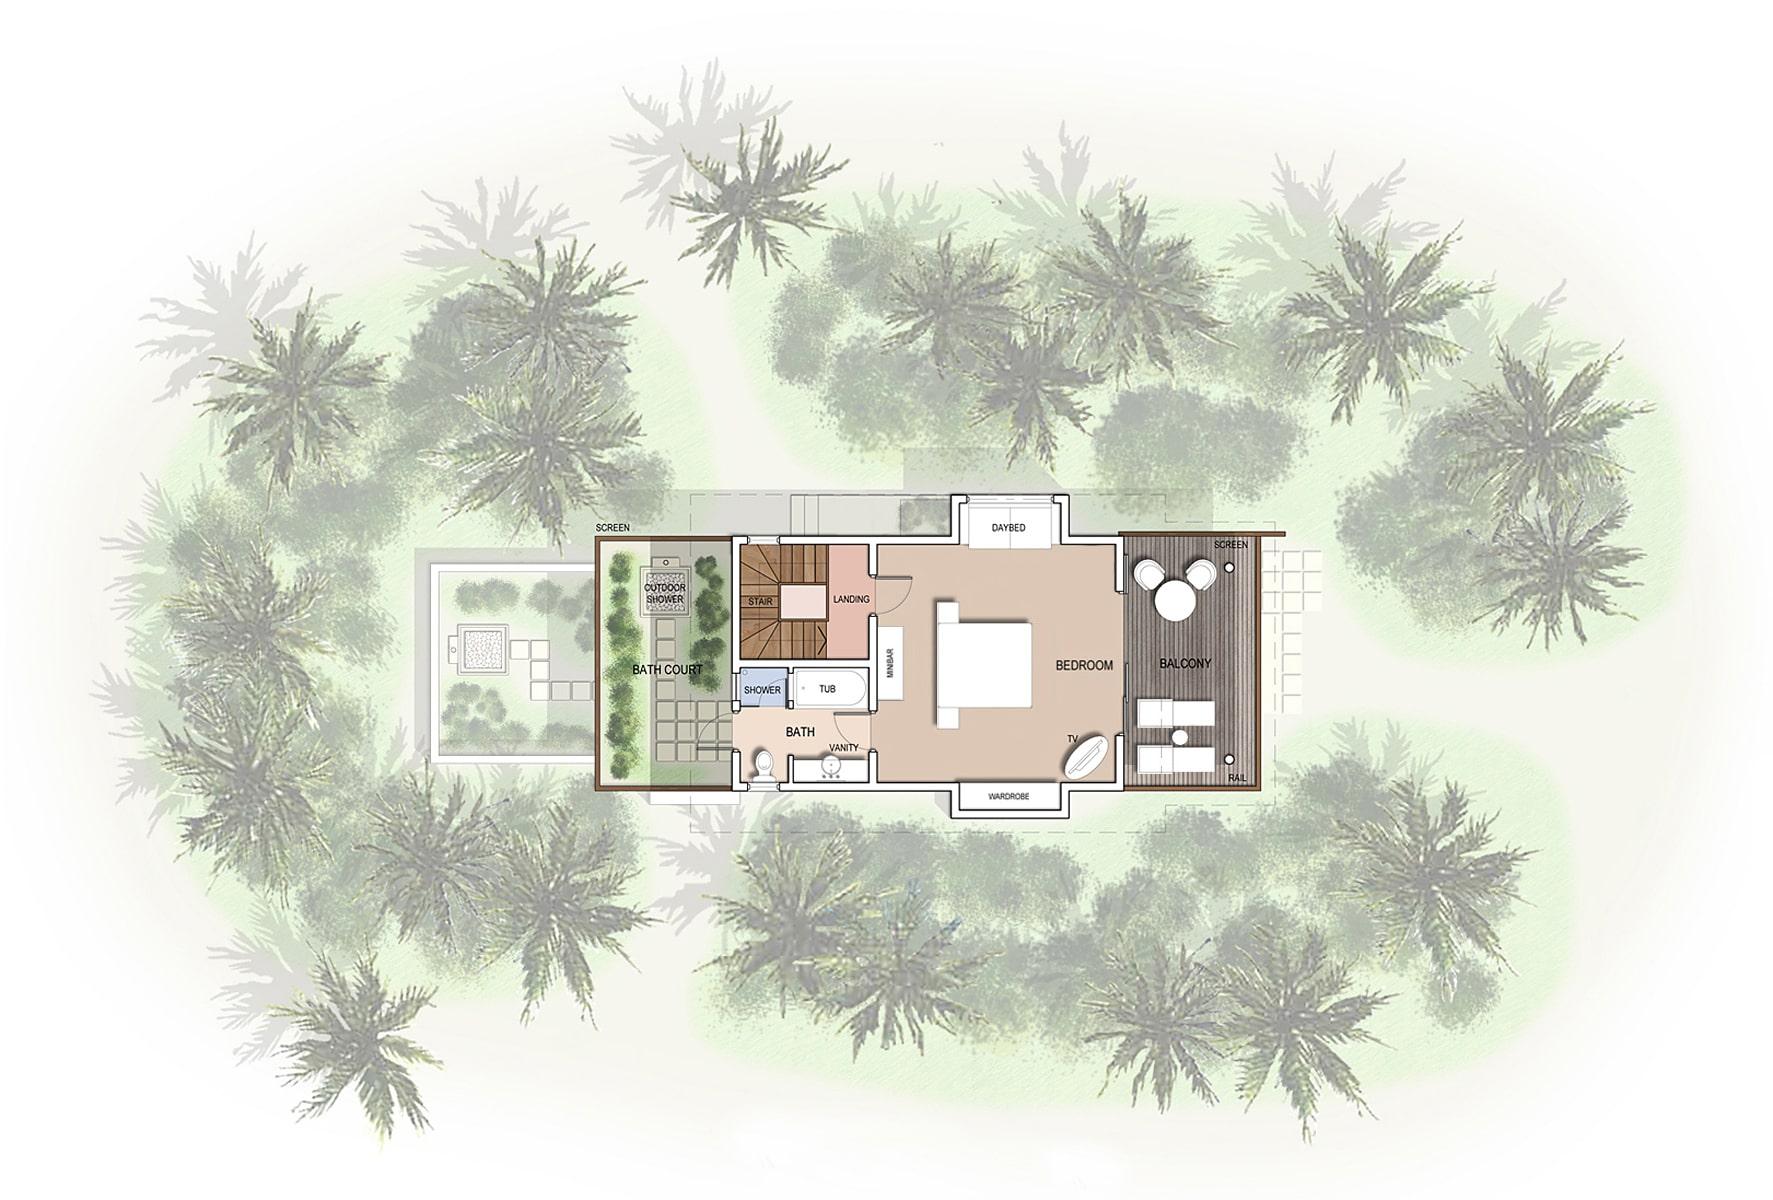 Мальдивы, отель Kuramathi Maldives, план-схема номера Two Bed room Beach Houses